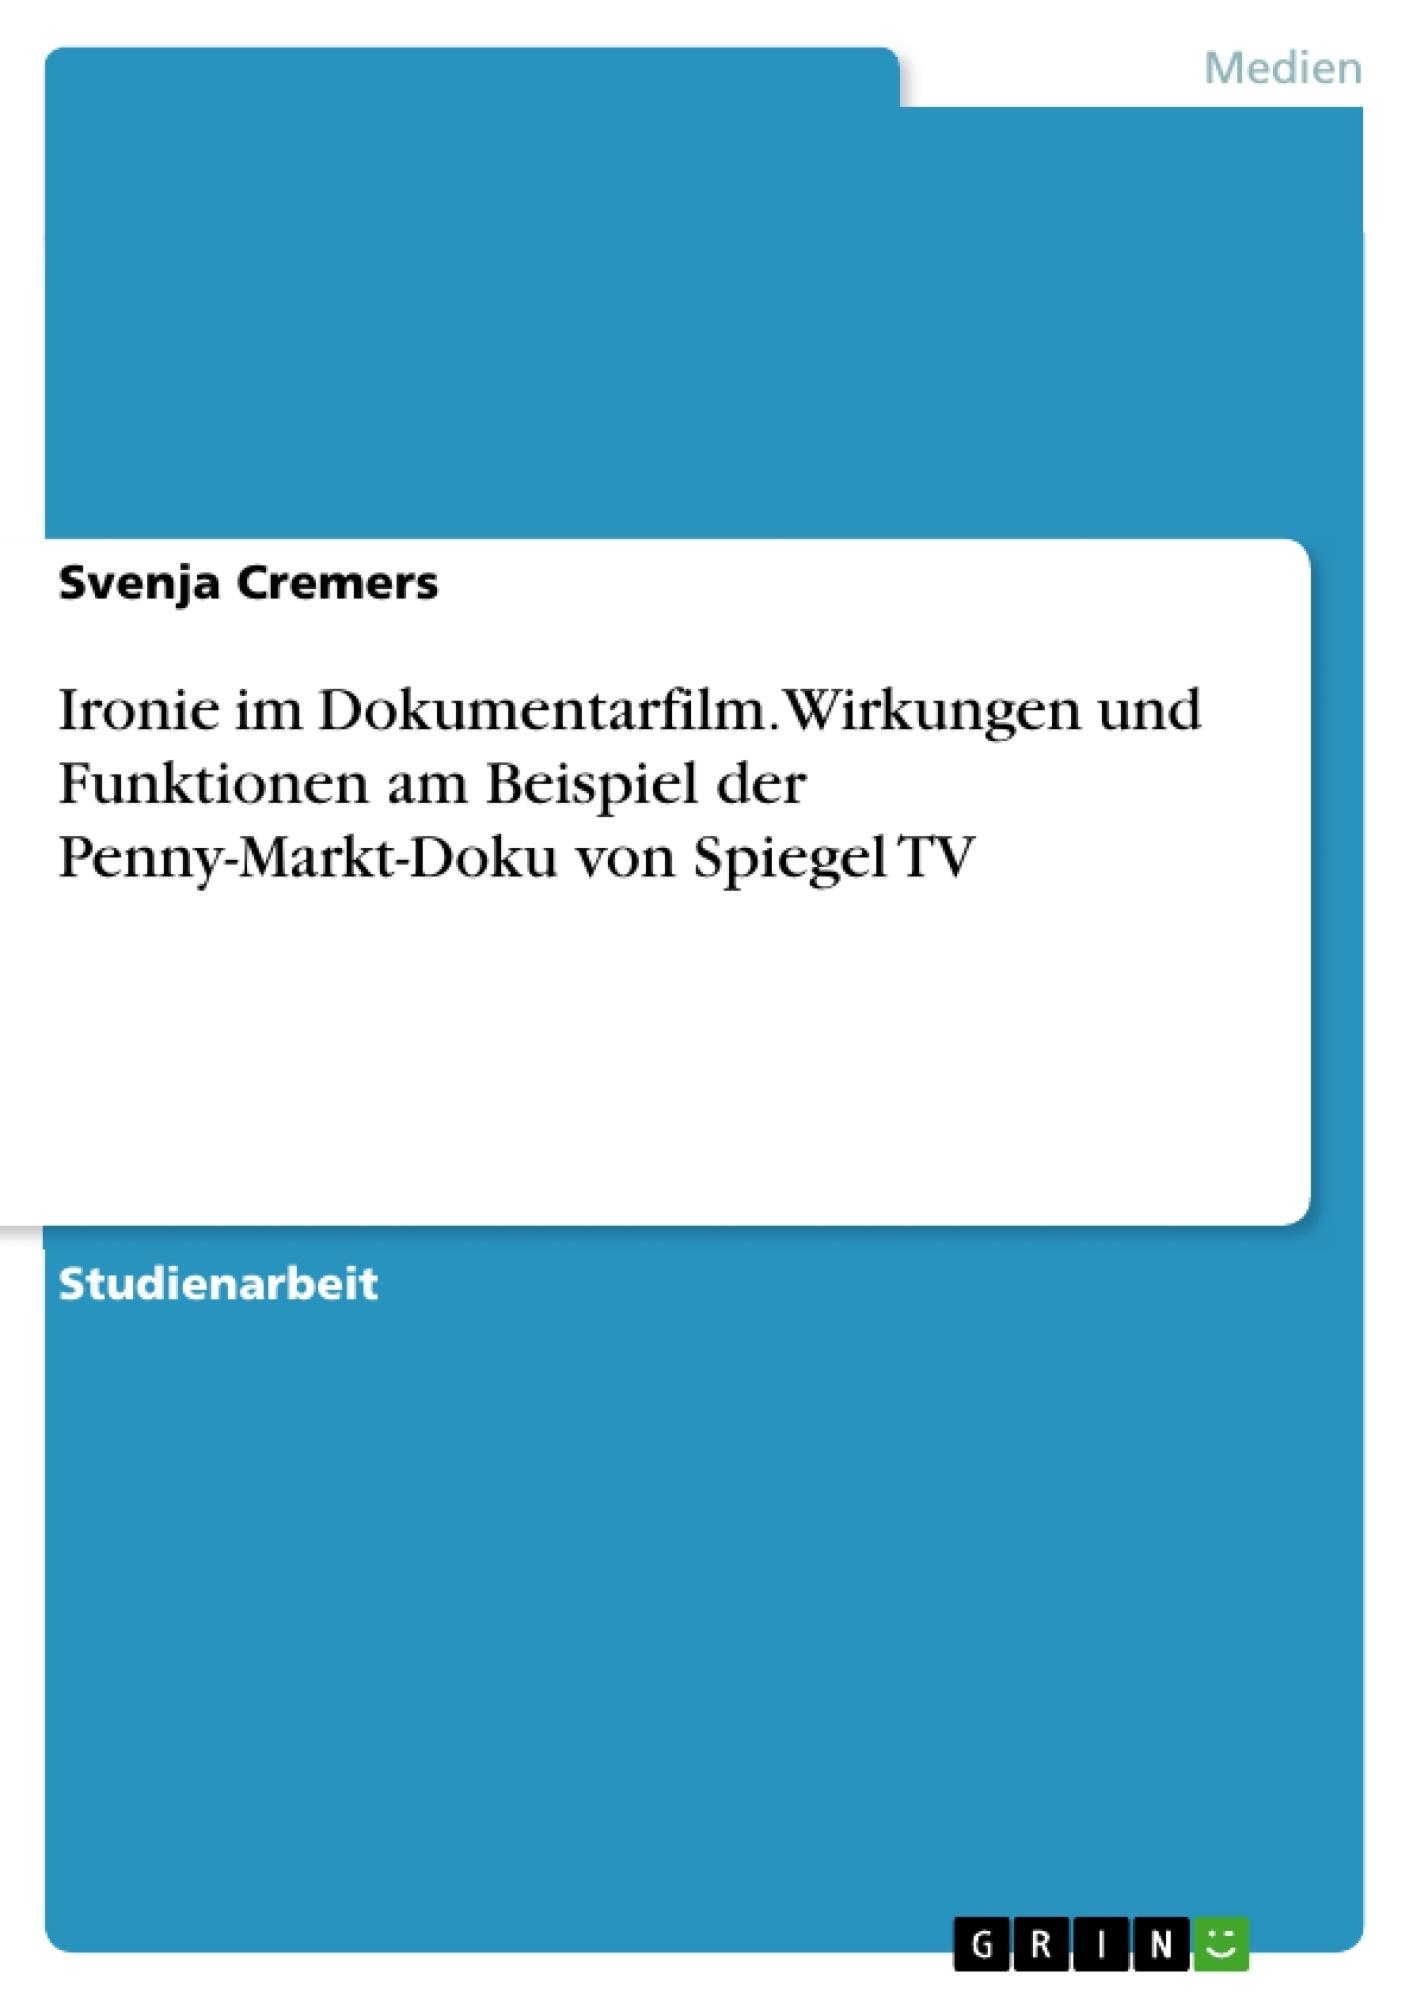 Titel: Ironie im Dokumentarfilm. Wirkungen und Funktionen am Beispiel der Penny-Markt-Doku von Spiegel TV